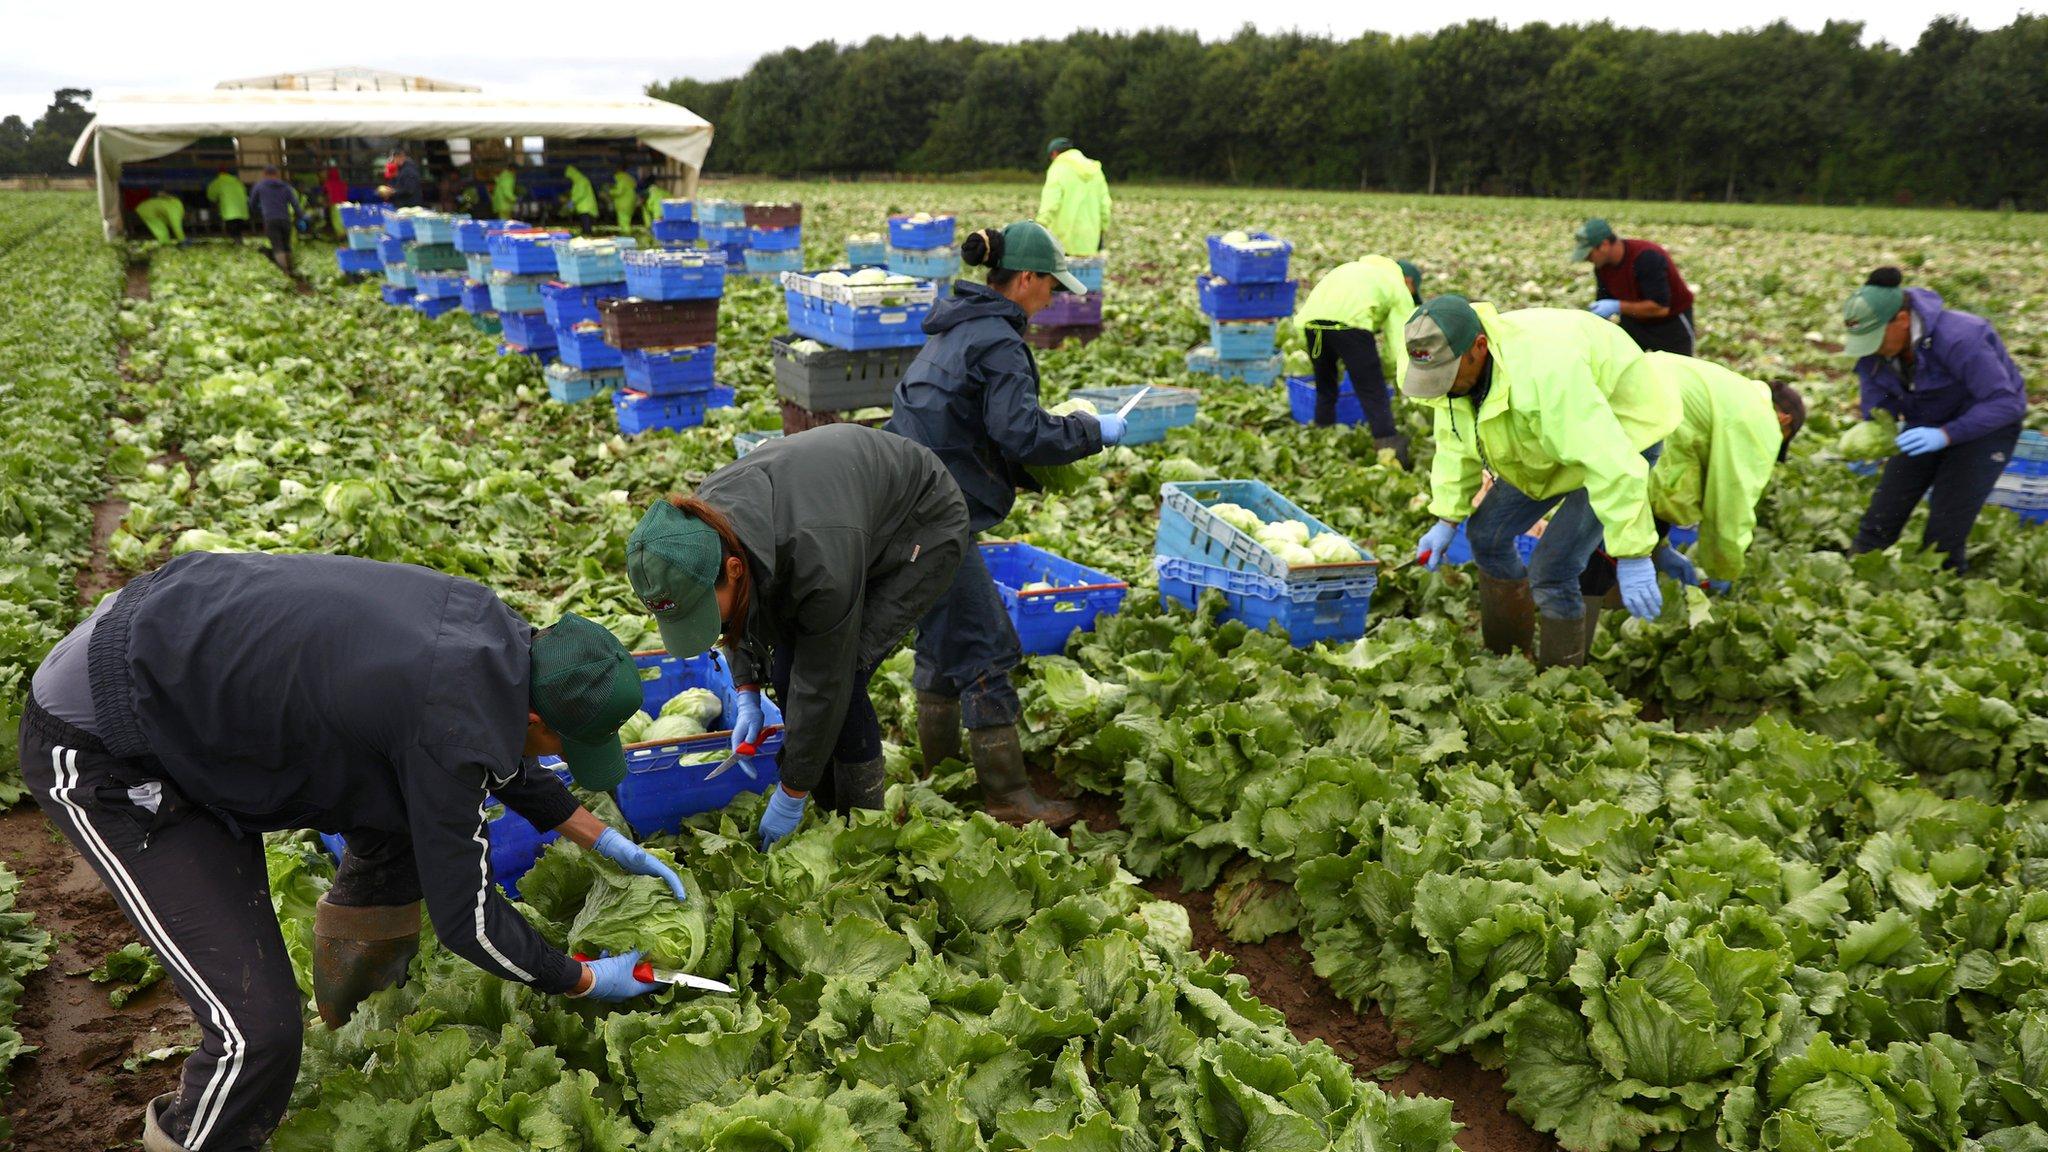 Food industry warns of Brexit workforce shortage